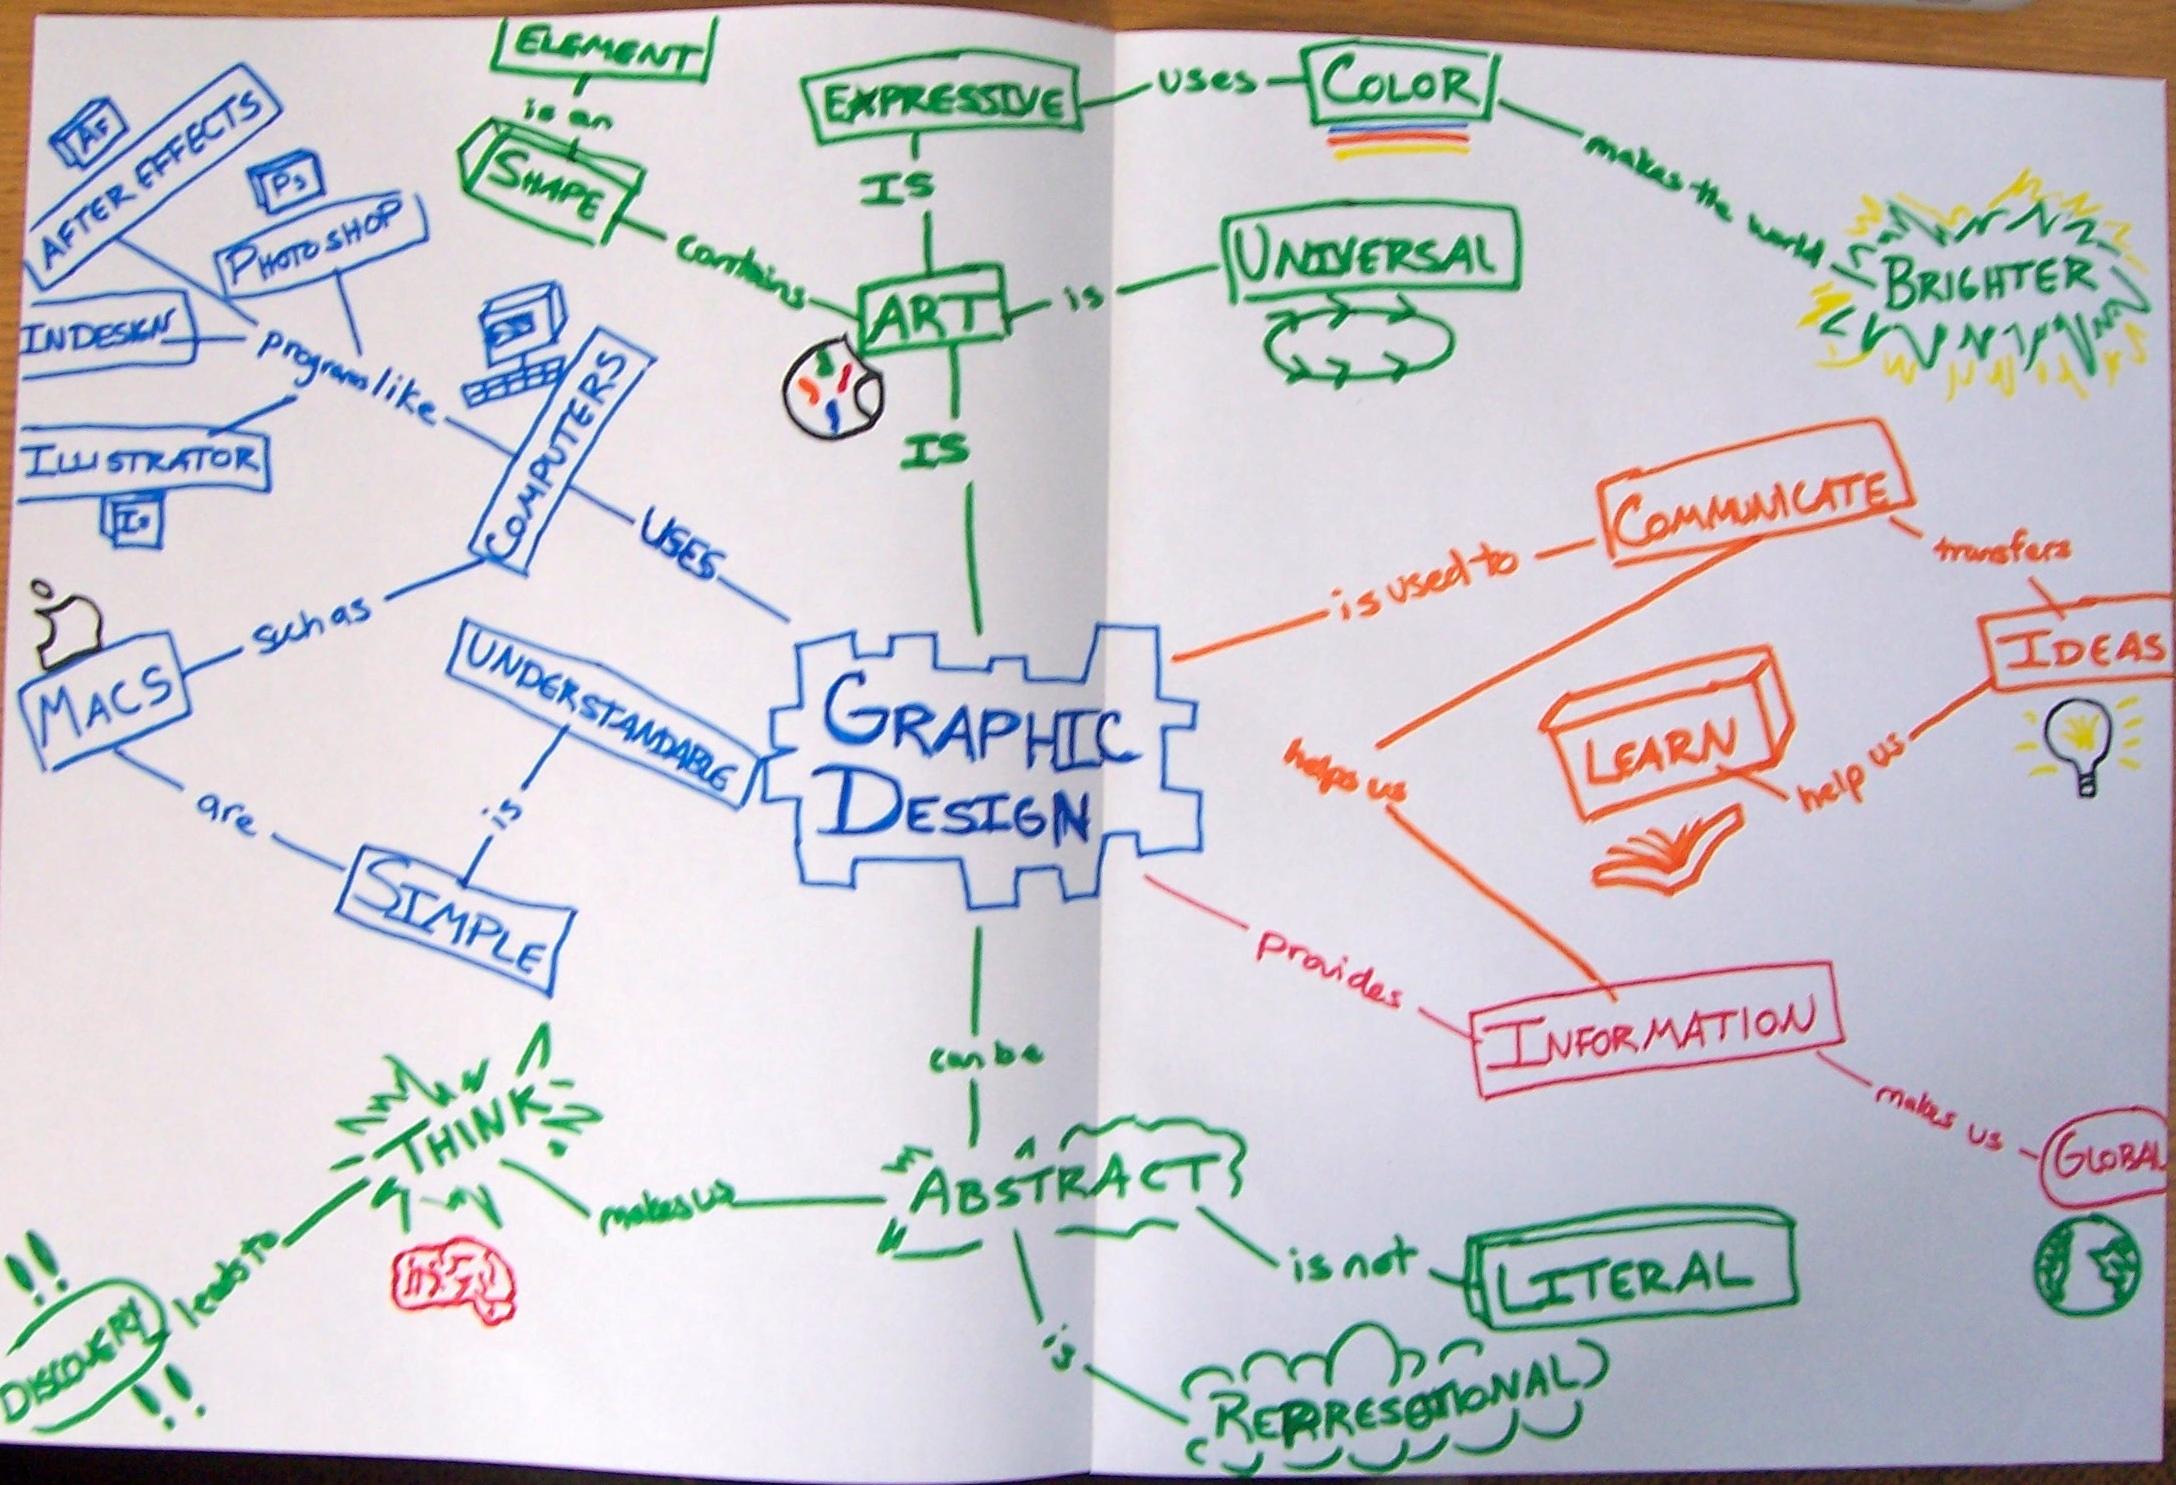 Concept Map Graphic Design